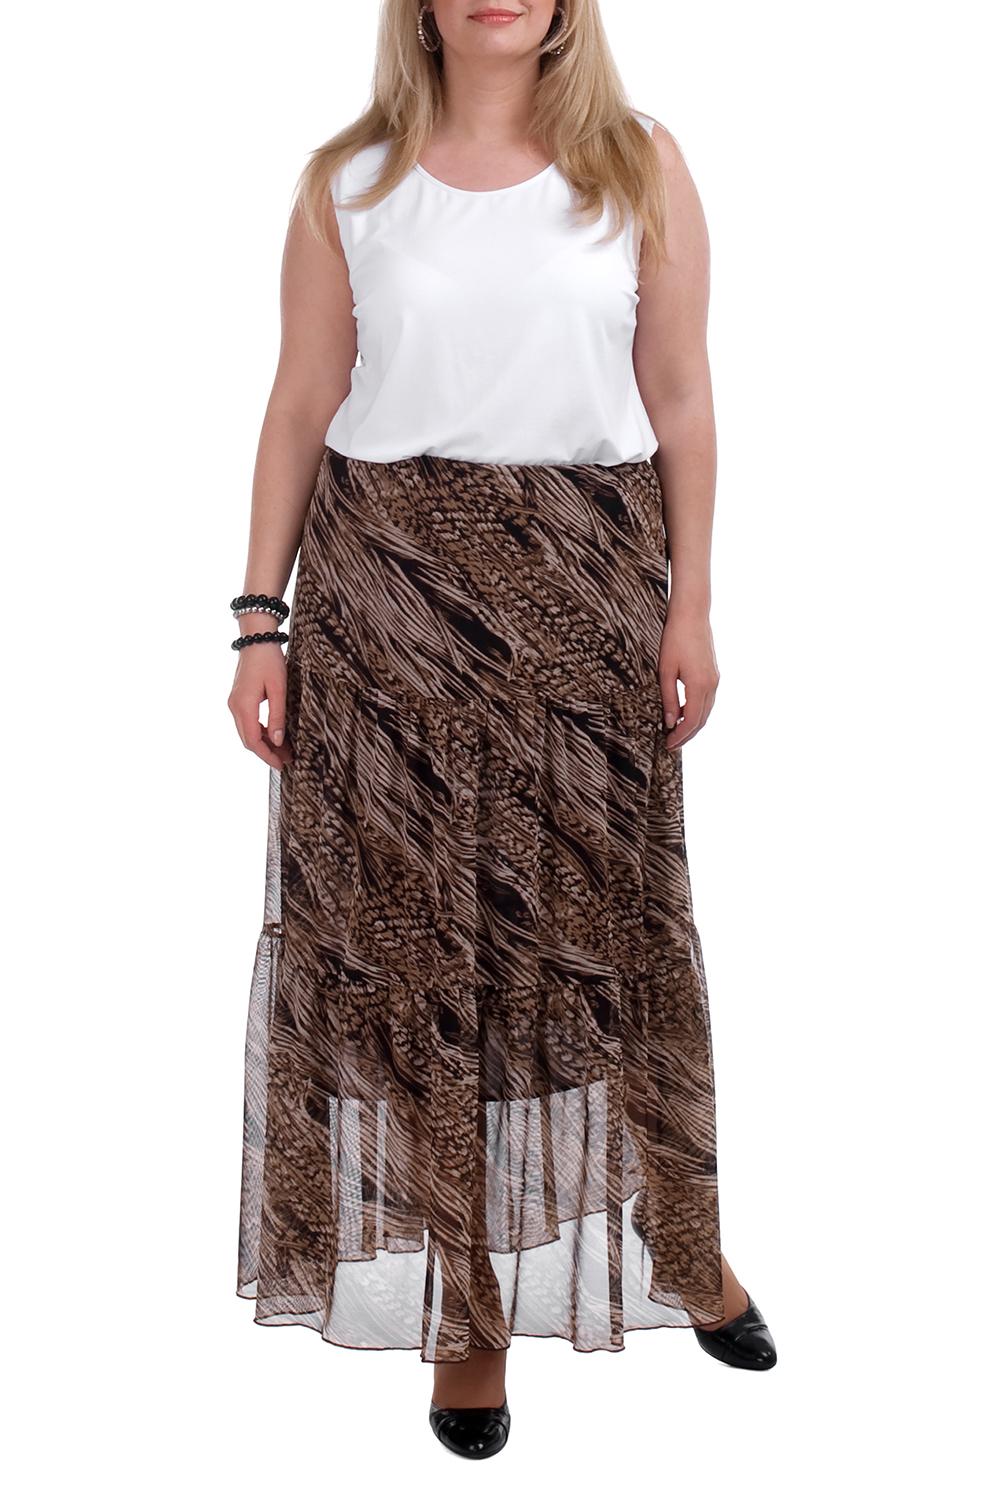 ЮбкаЮбки<br>Воздушная женская юбка. Модель выполнена из гипюровой сетки. Отличный выбор для любого случая.  Цвет: коричневый, бежевый  Рост девушки-фотомодели 173 см.<br><br>По длине: Макси<br>По материалу: Гипюровая сетка<br>По рисунку: С принтом,Цветные<br>По силуэту: Свободные<br>По стилю: Повседневный стиль<br>По элементам: С подкладом<br>По сезону: Лето<br>Размер : 54<br>Материал: Гипюровая сетка<br>Количество в наличии: 1